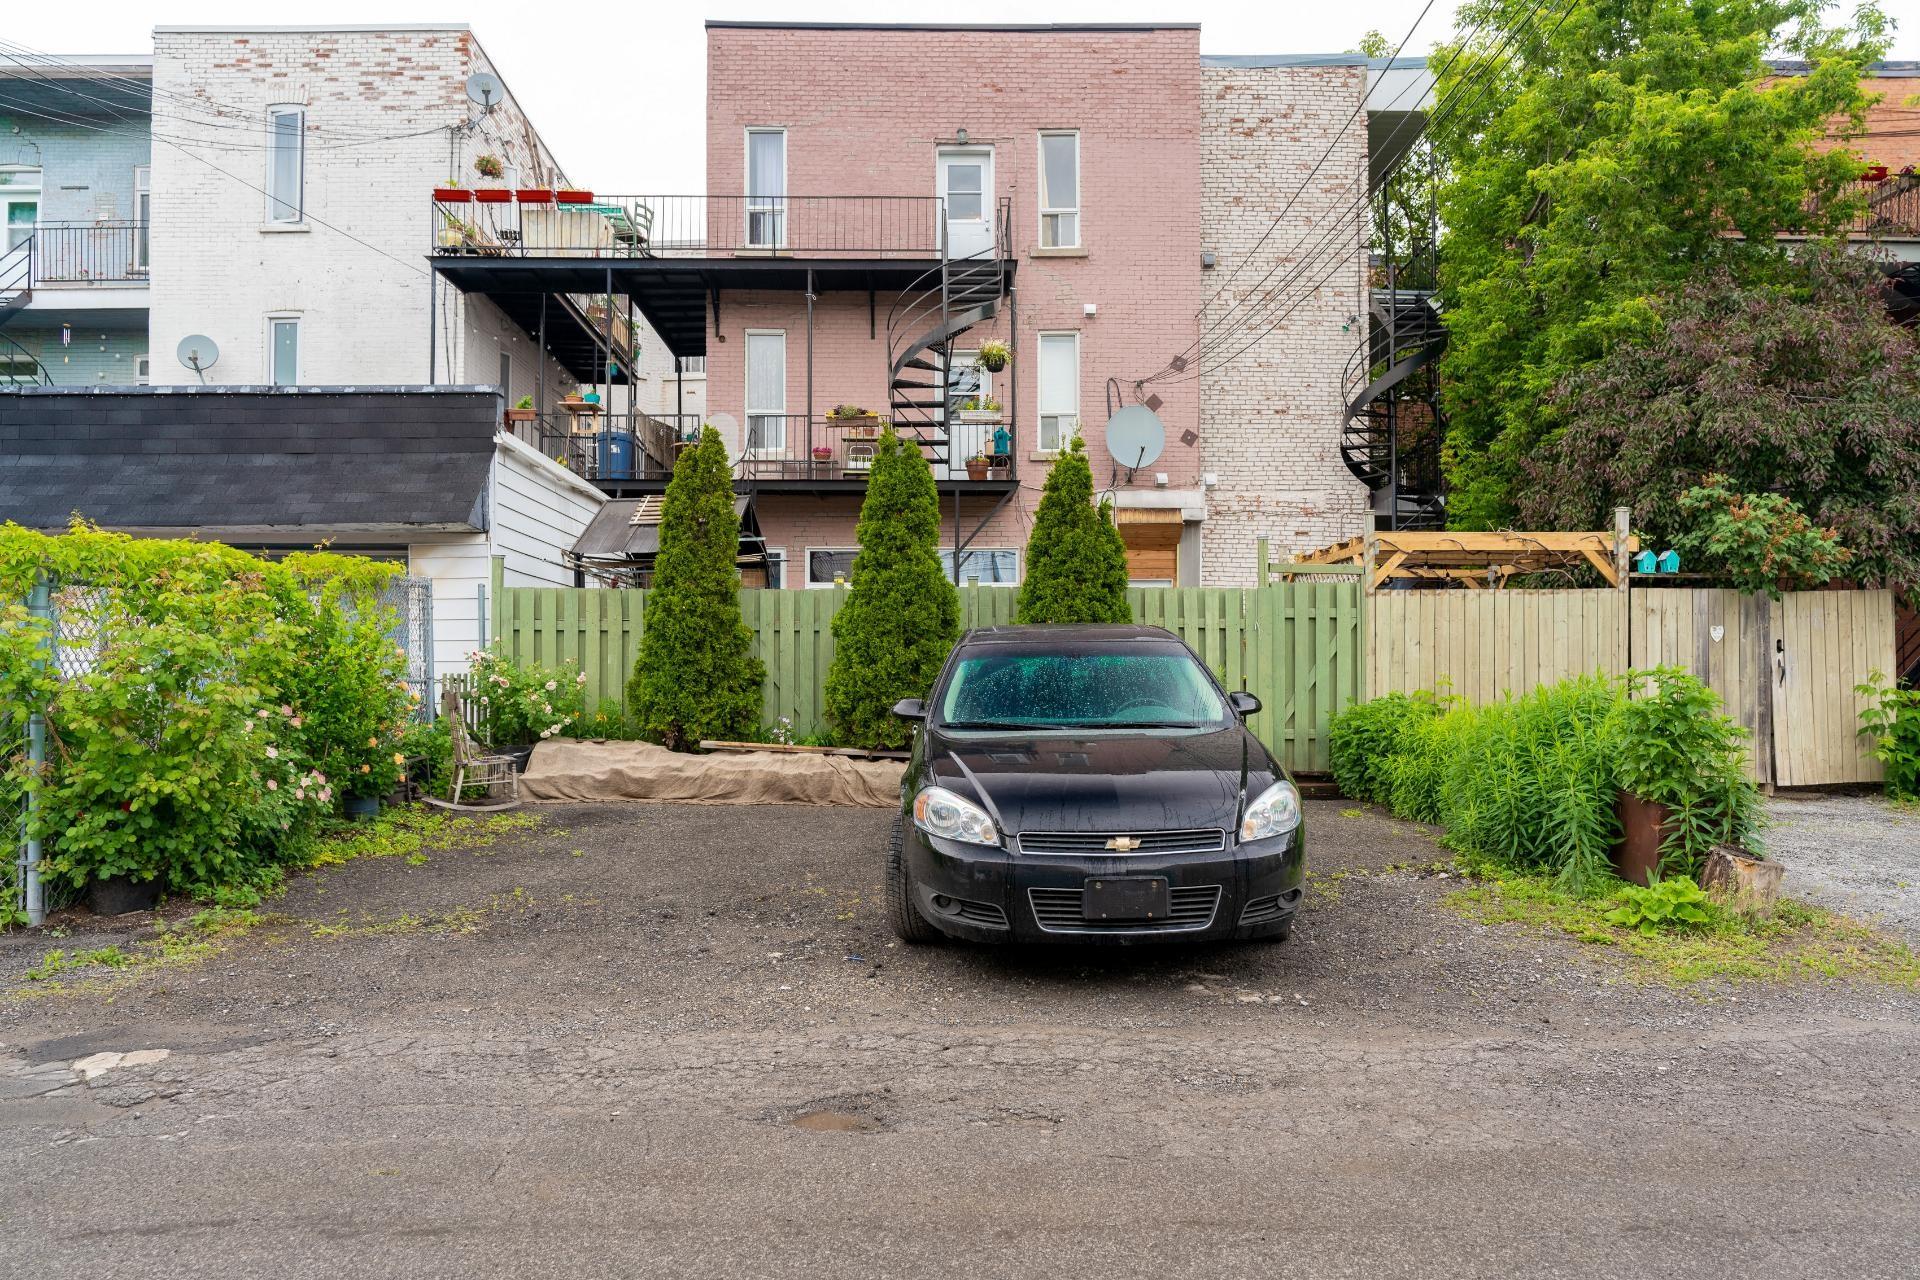 image 18 - Appartement À louer Rosemont/La Petite-Patrie Montréal  - 5 pièces